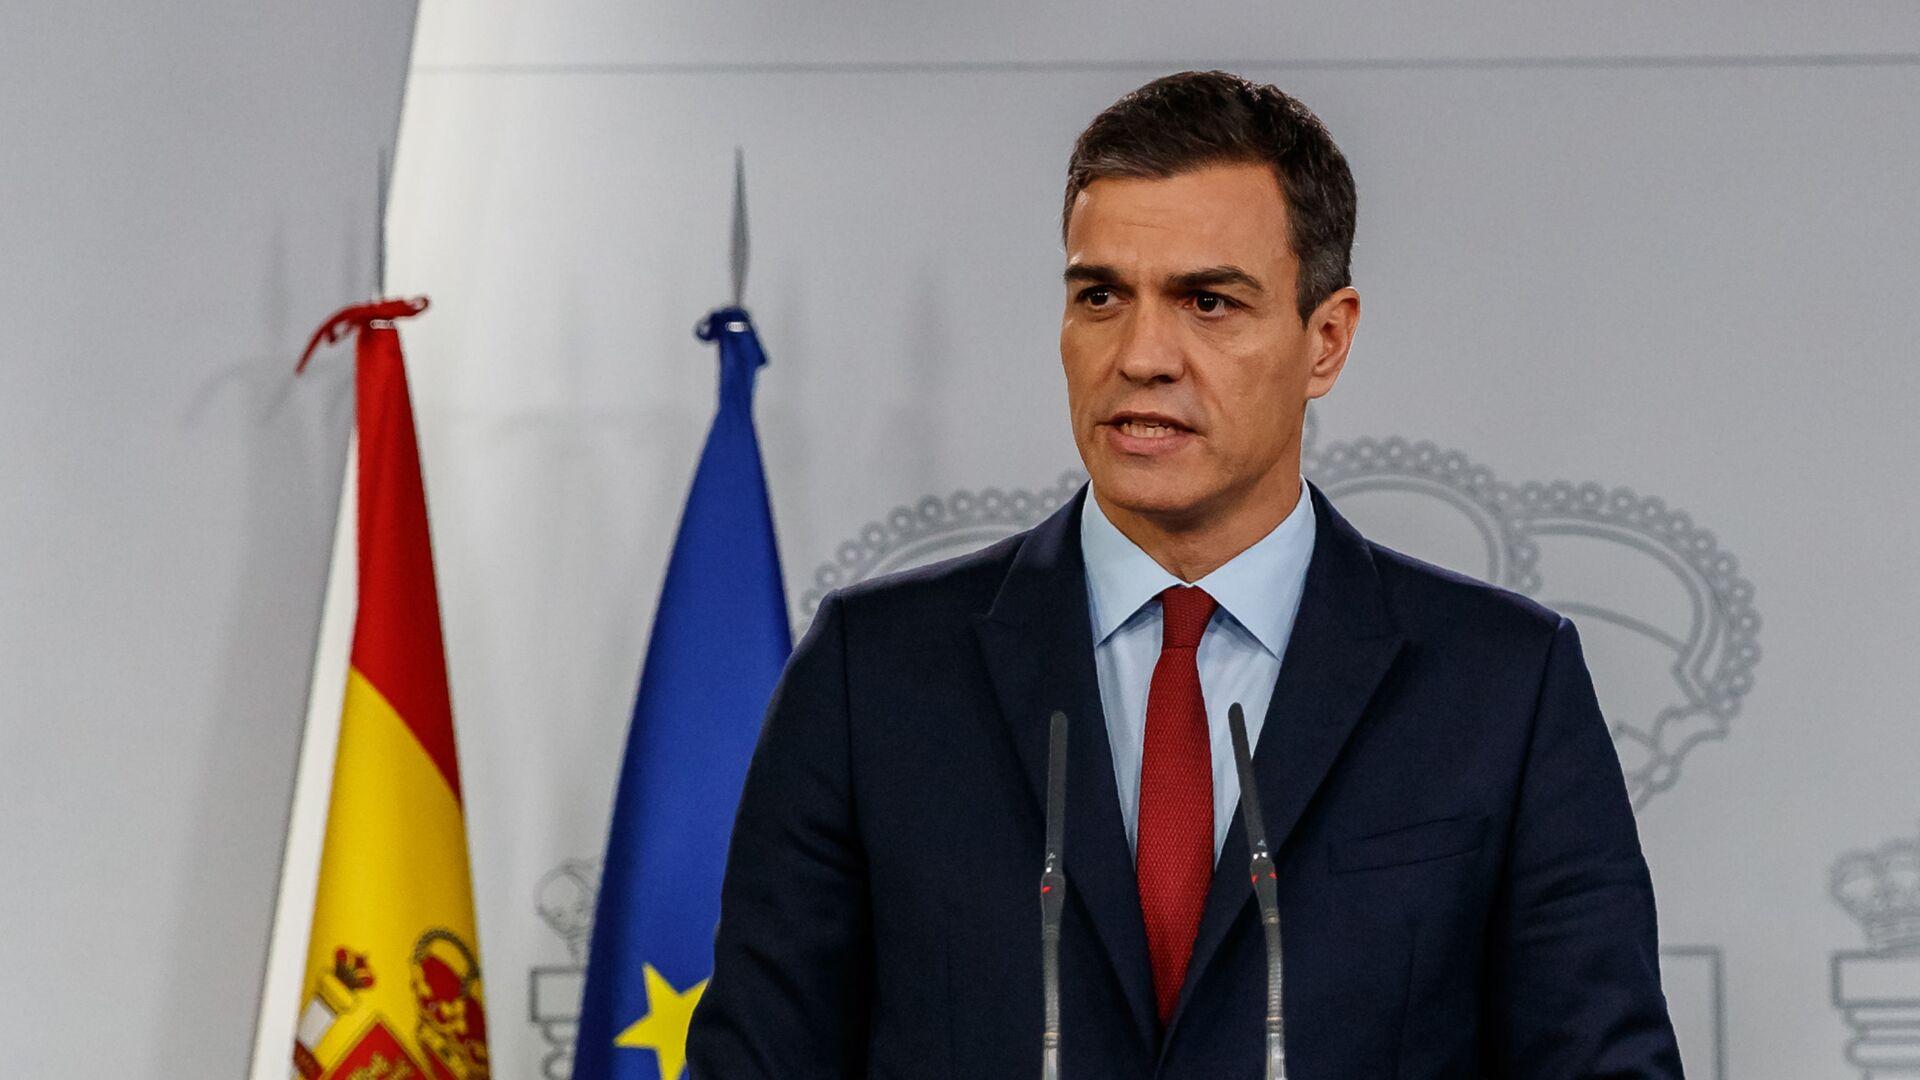 Premier ad interim spagnolo Pedro Sanchez - Sputnik Italia, 1920, 10.07.2021